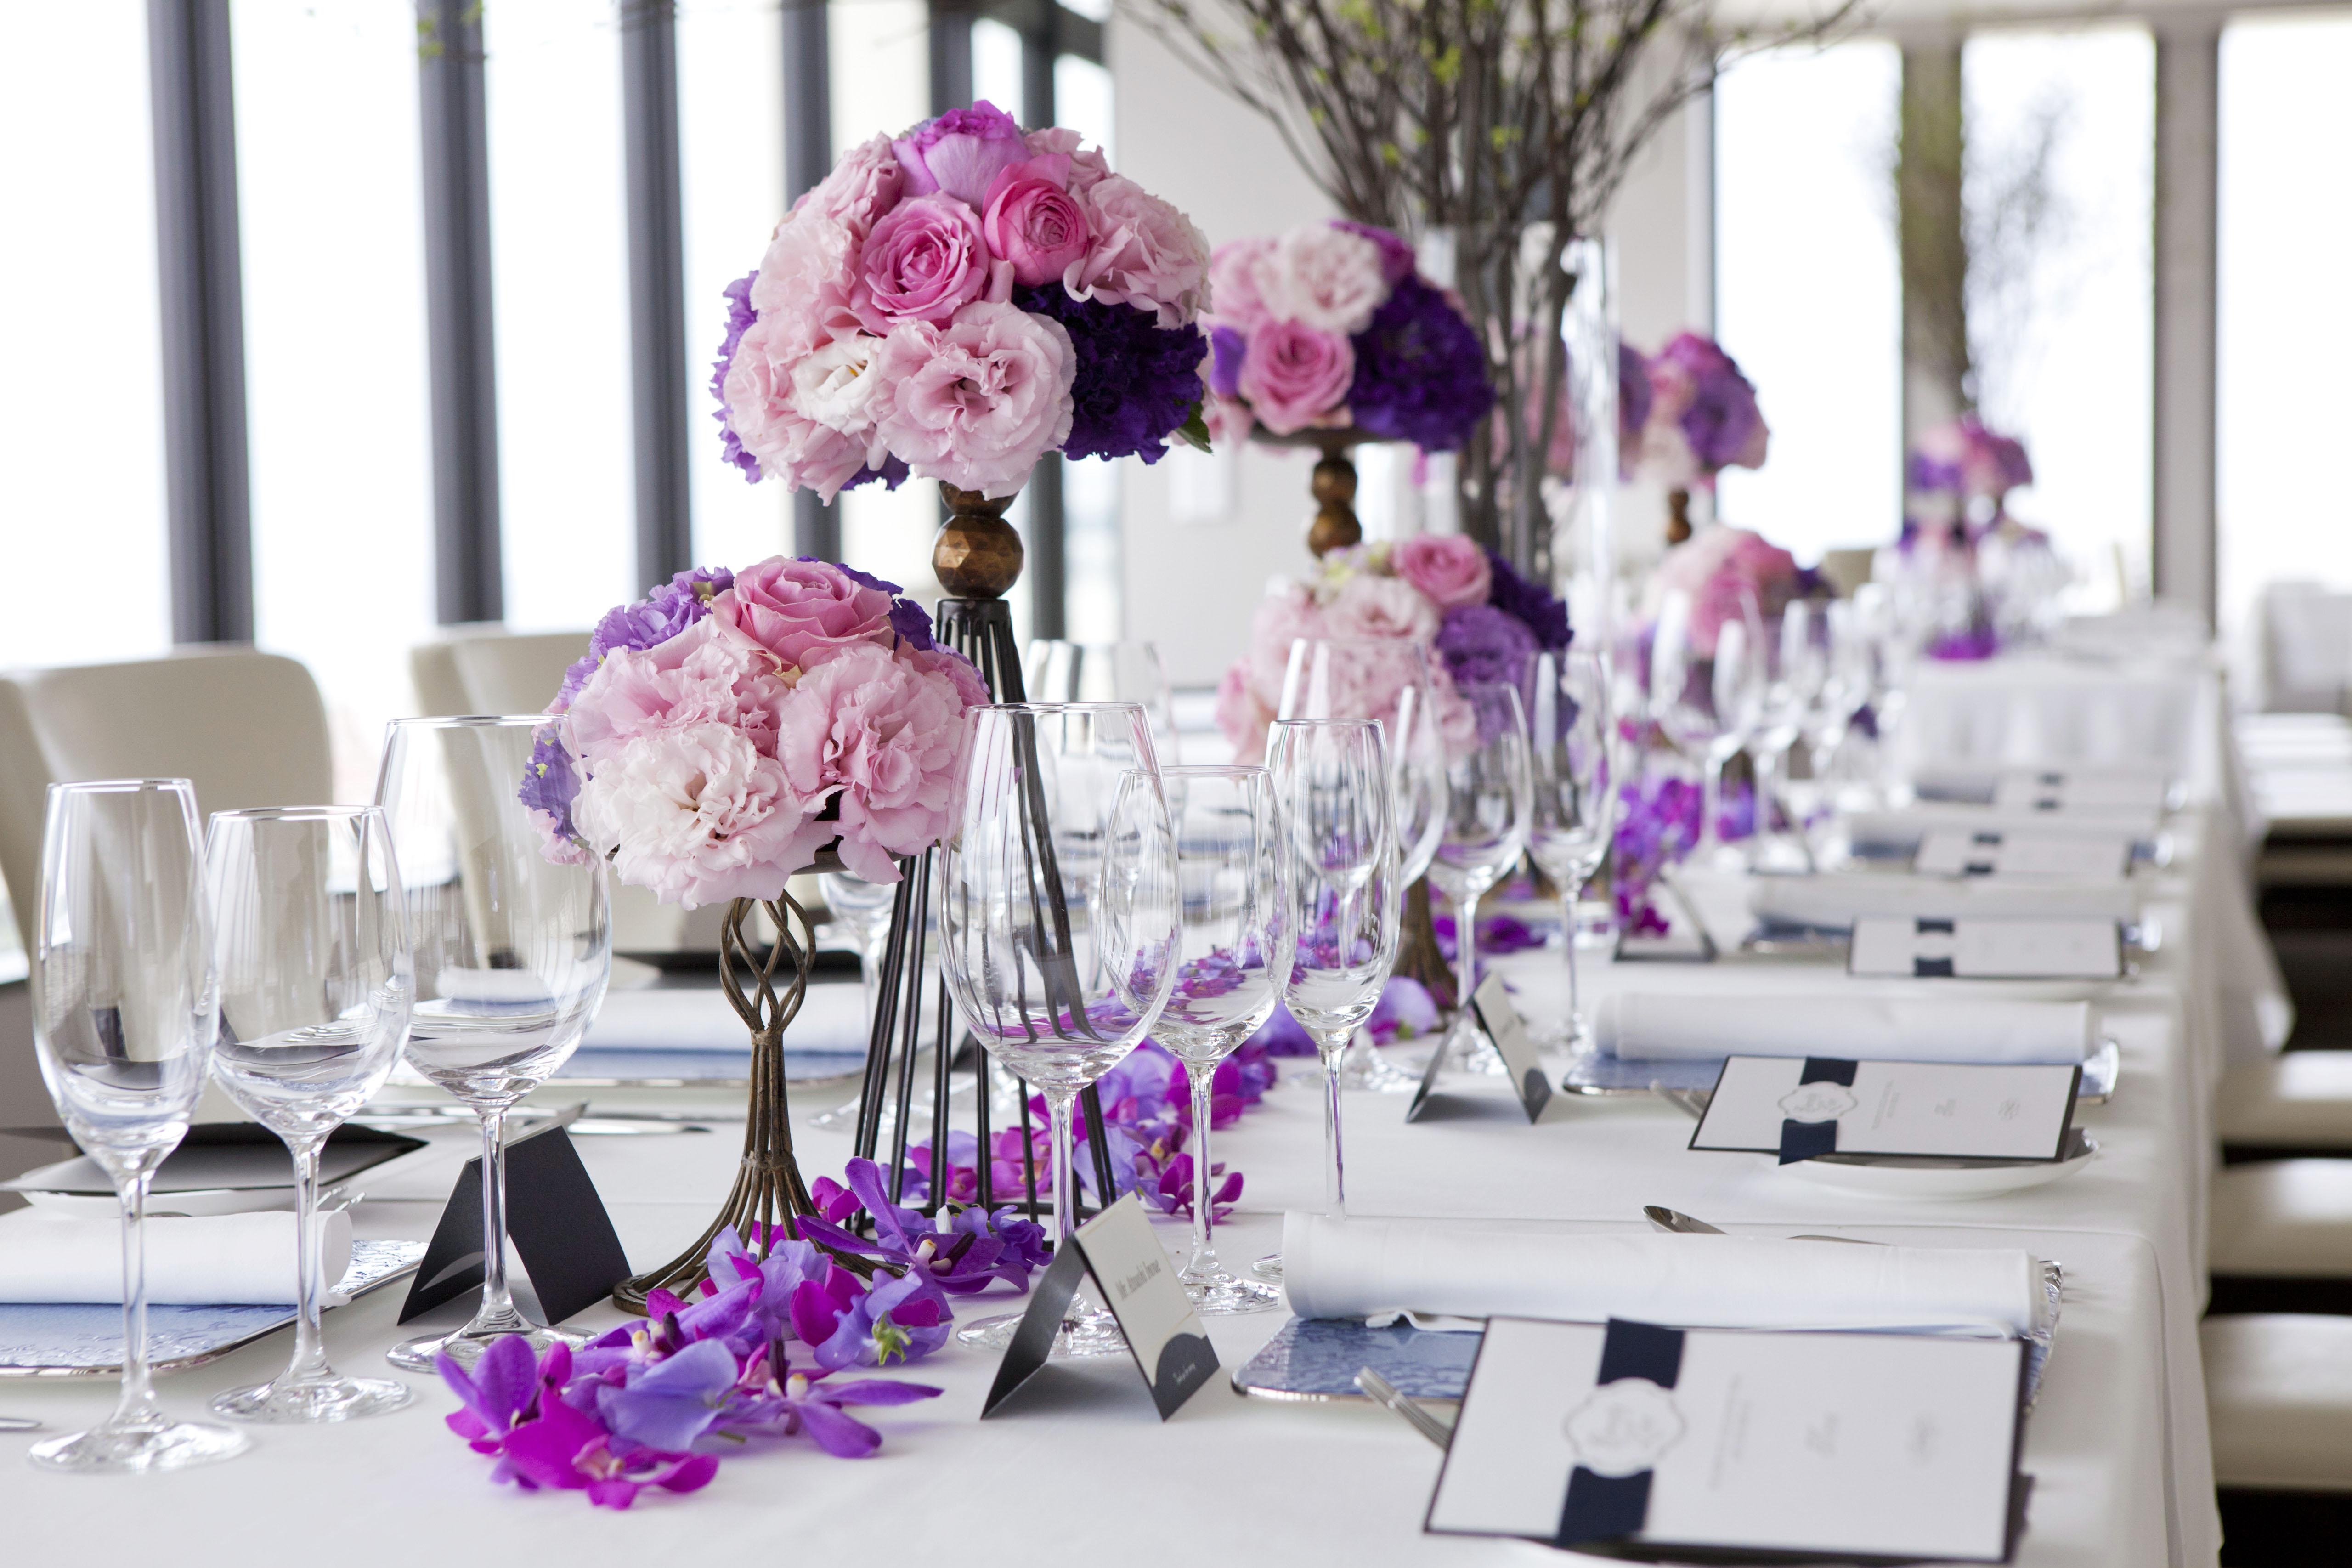 【MILANO|GRILL】Weddingイメージのフォトギャラリー